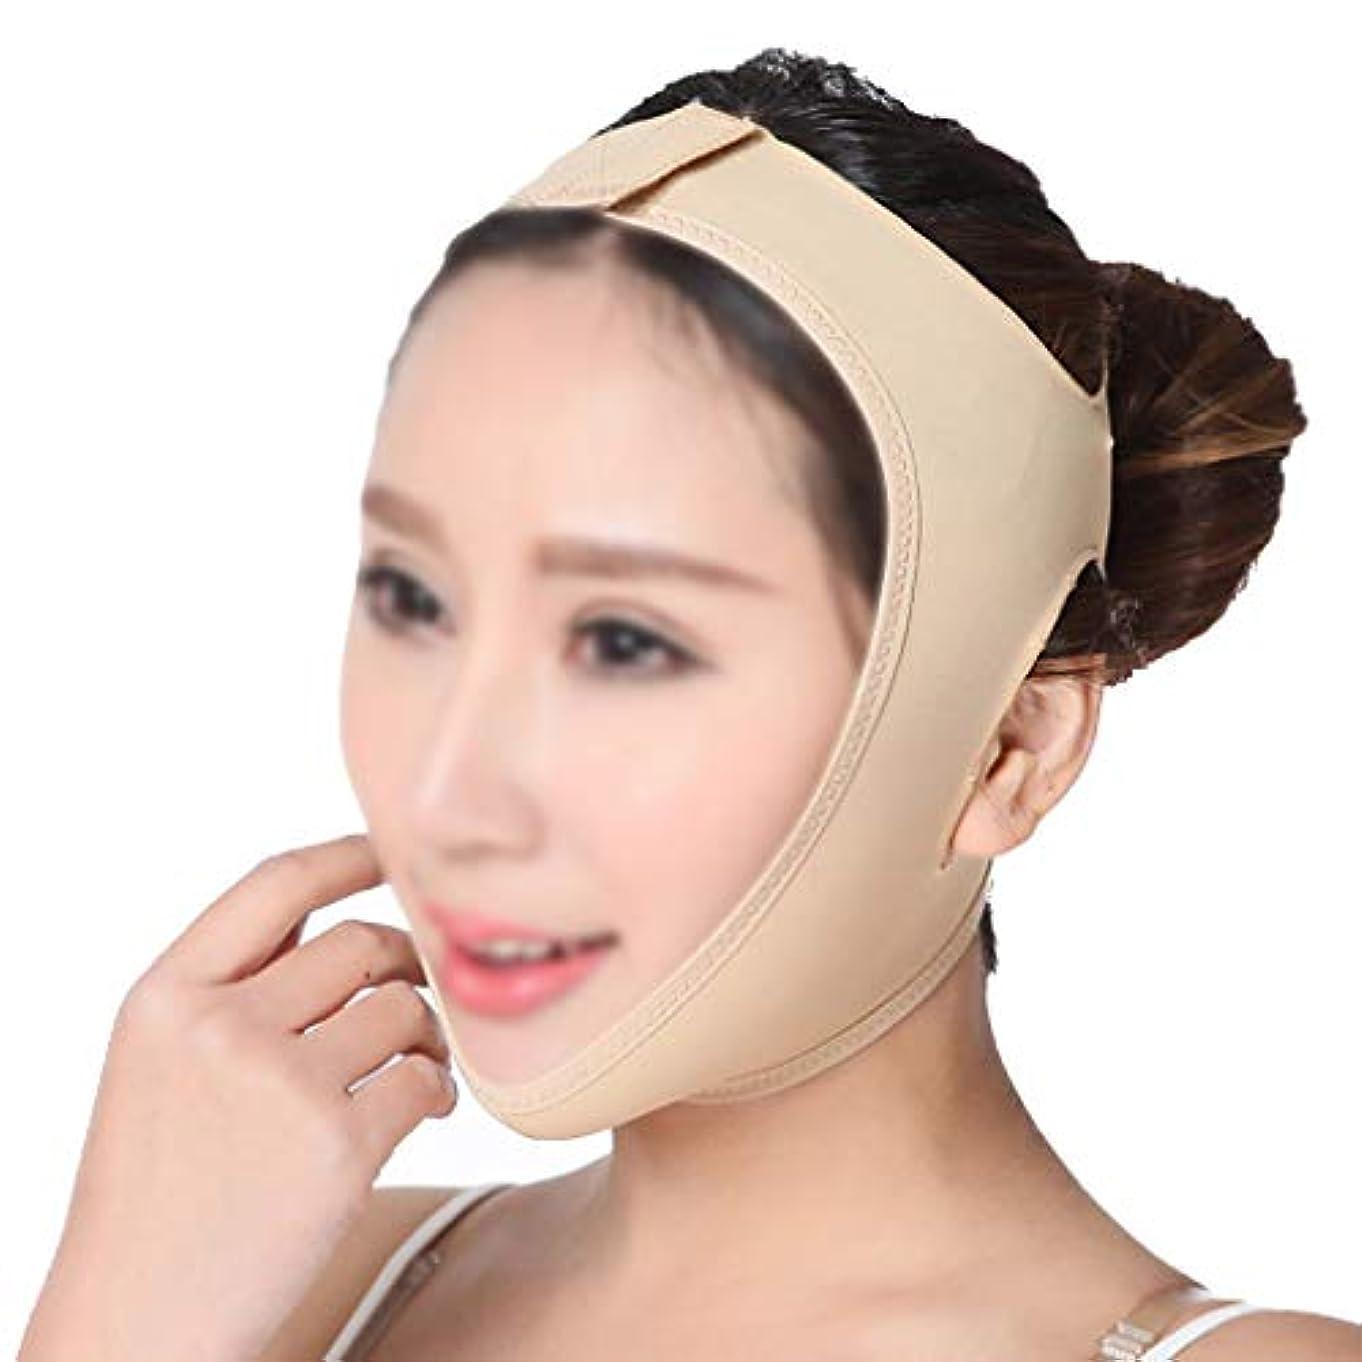 ストッキングネクタイエコーXHLMRMJ 薄い顔包帯顔スリム二重あごを取り除くVラインの顔の形を作成するあごの頬リフトアップ抗しわを持ち上げるベルトフェイスマッサージツール (Size : XL)